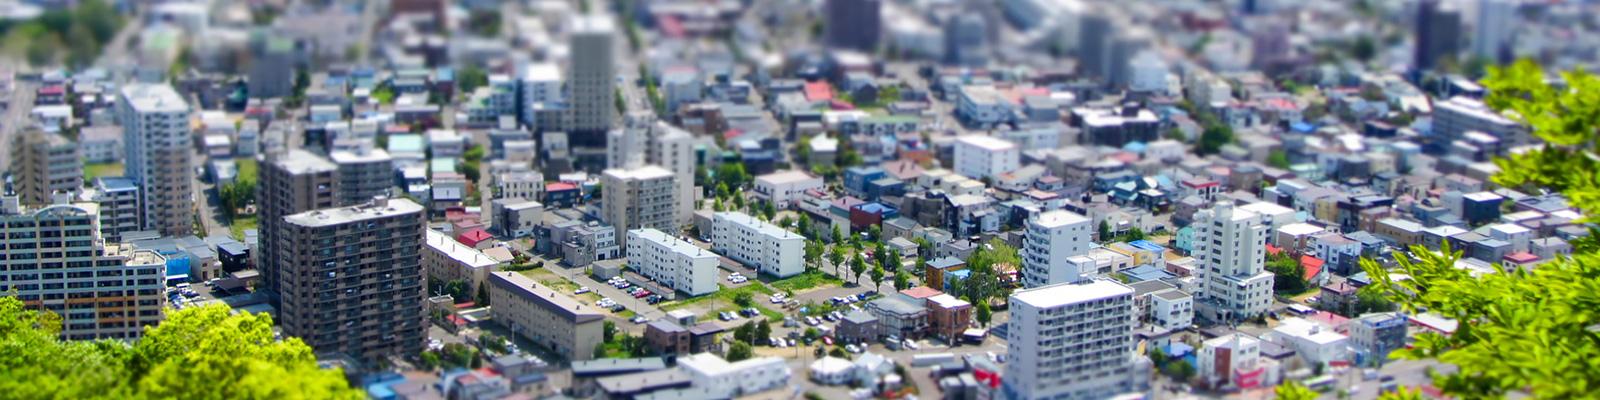 札幌 街並み イメージ